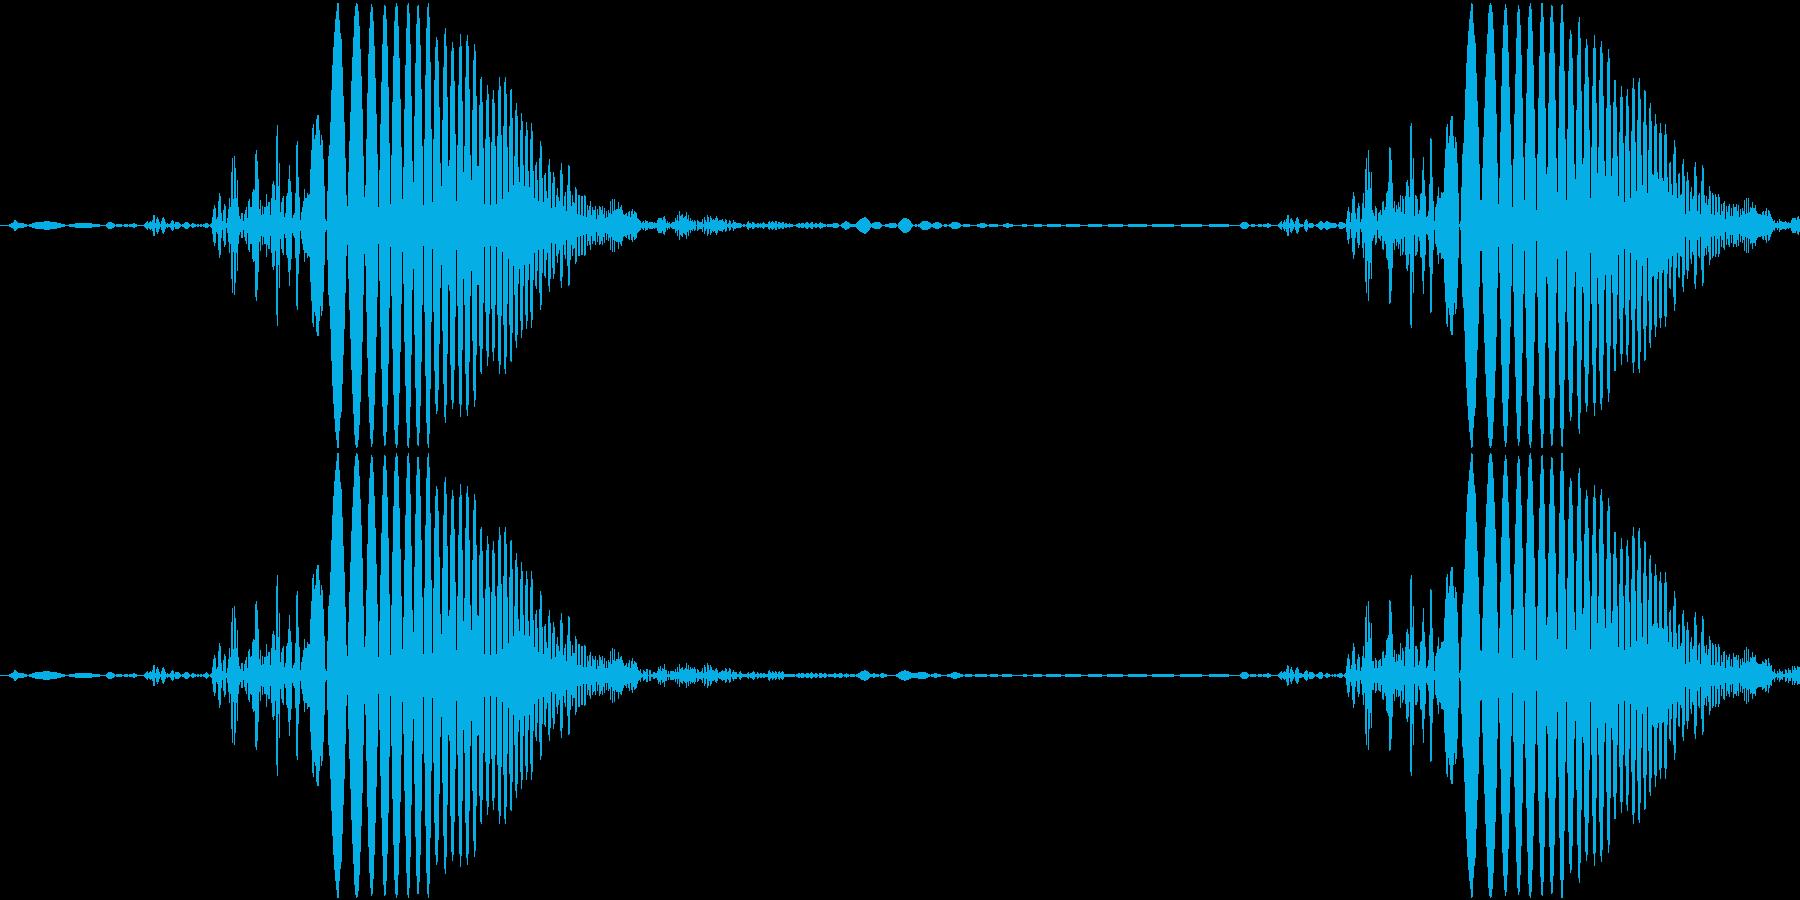 Acid ビチャっとしたキャンセル音の再生済みの波形